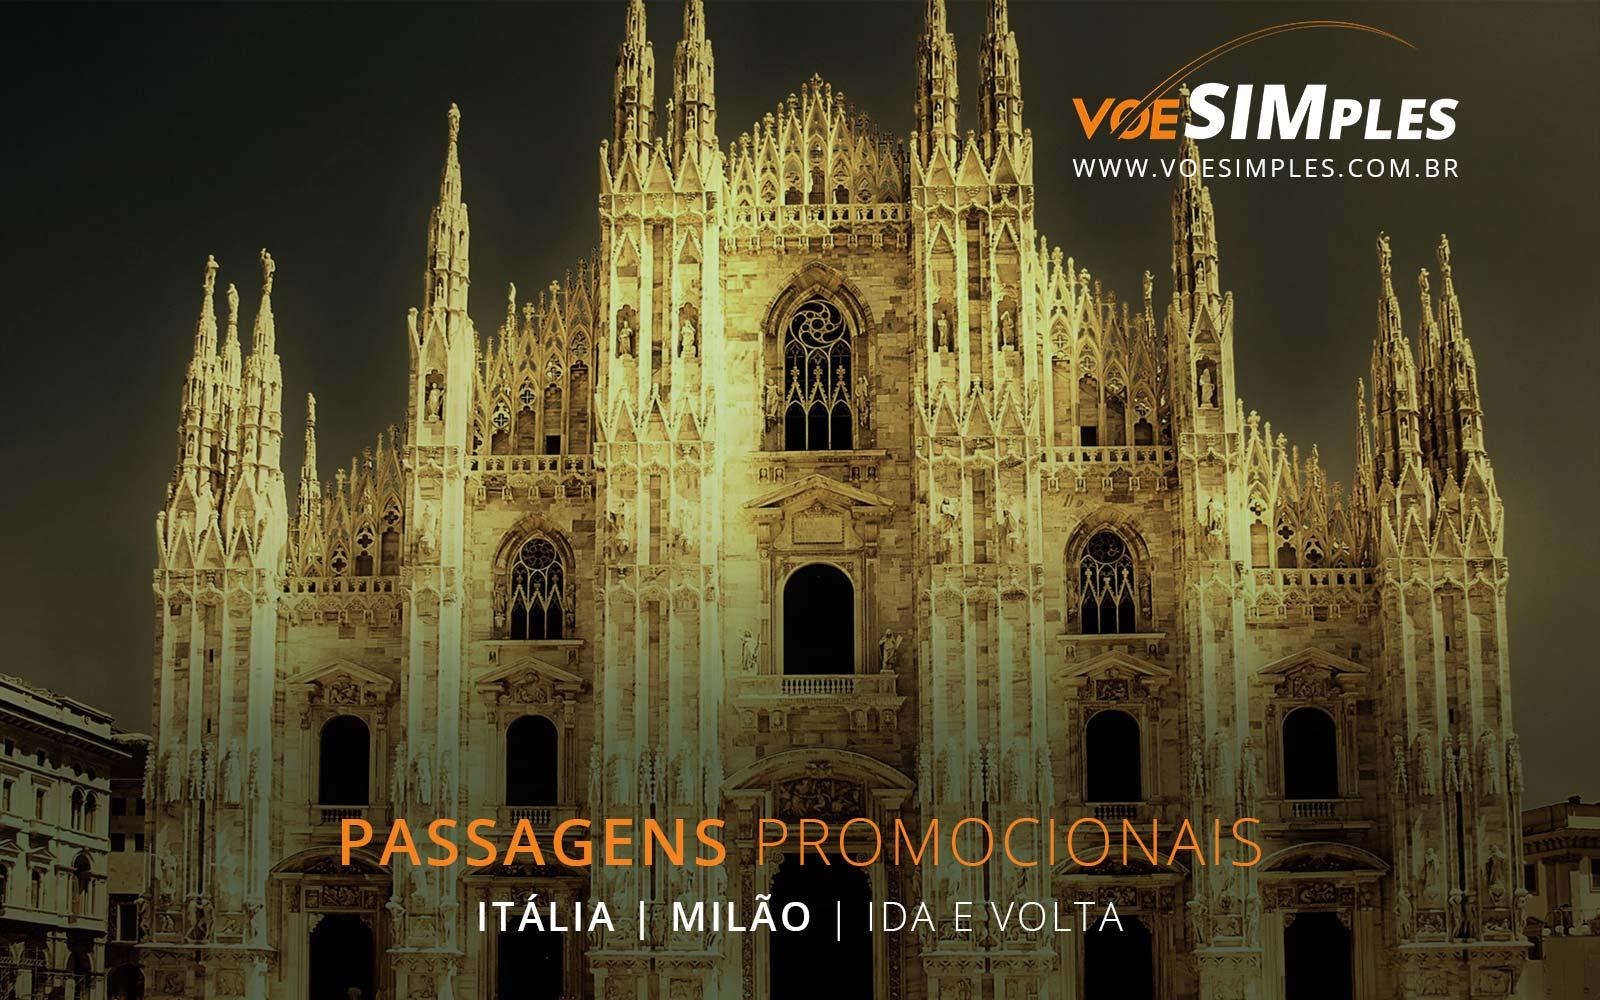 Passagens aéreas promocionais para Milão na Itália